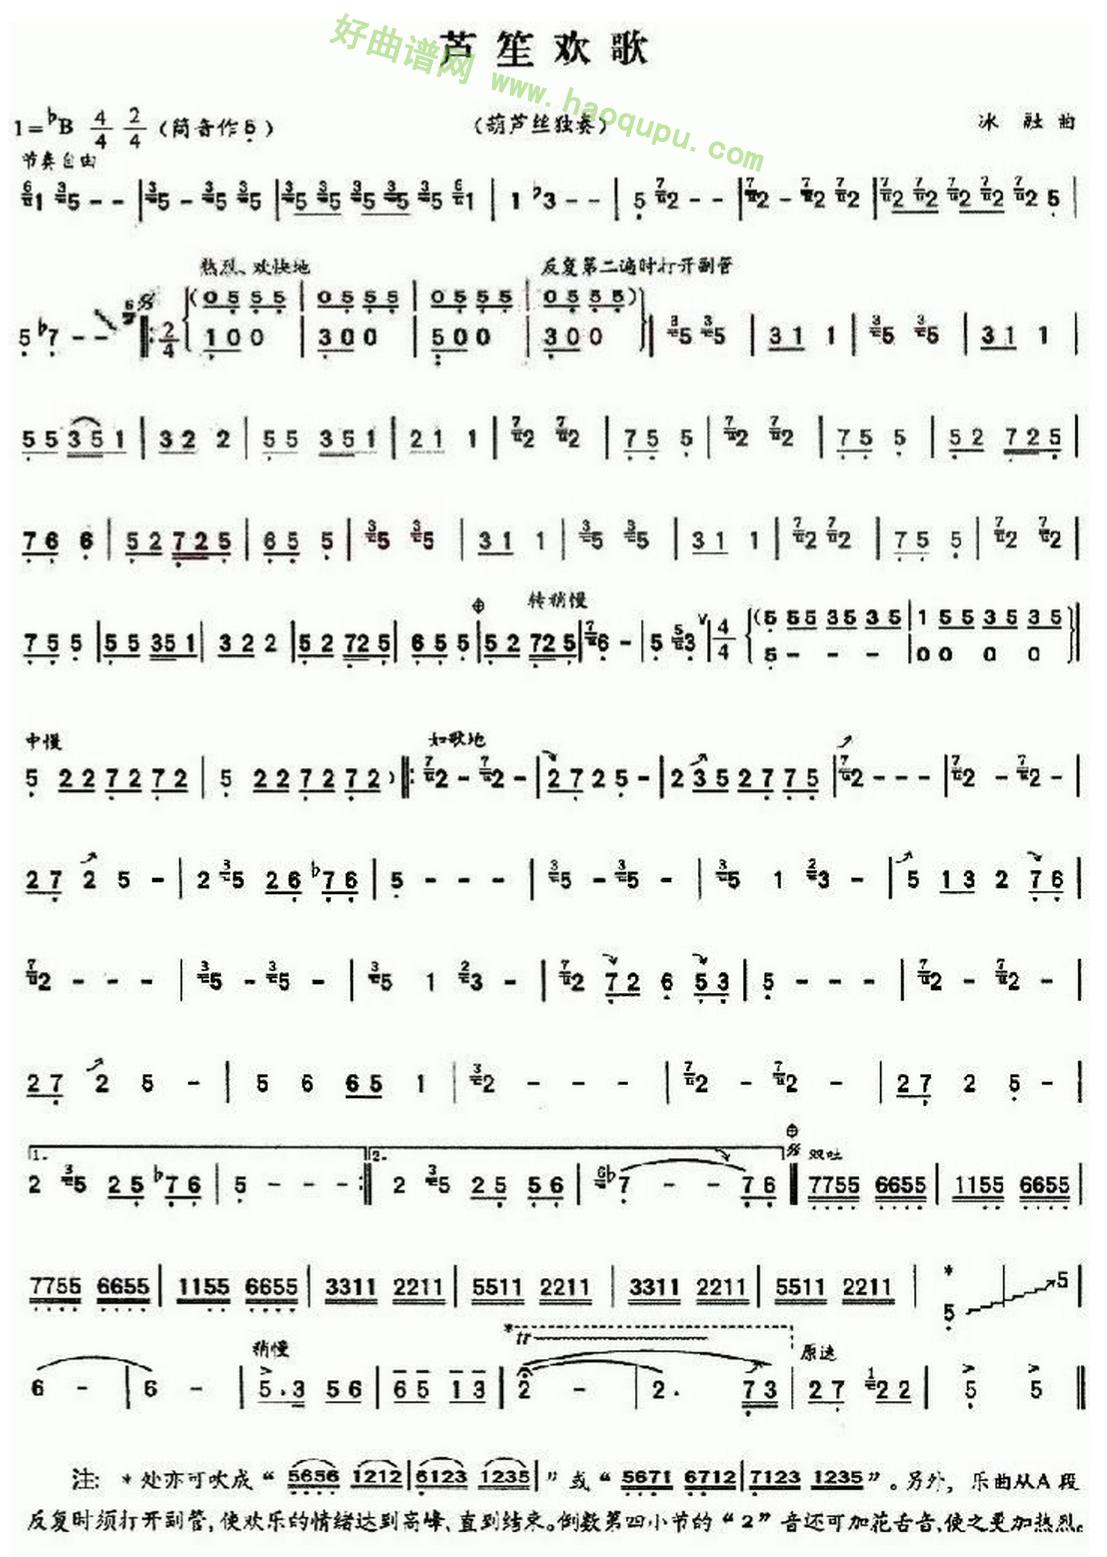 《芦笙欢歌》 葫芦丝曲谱第1张